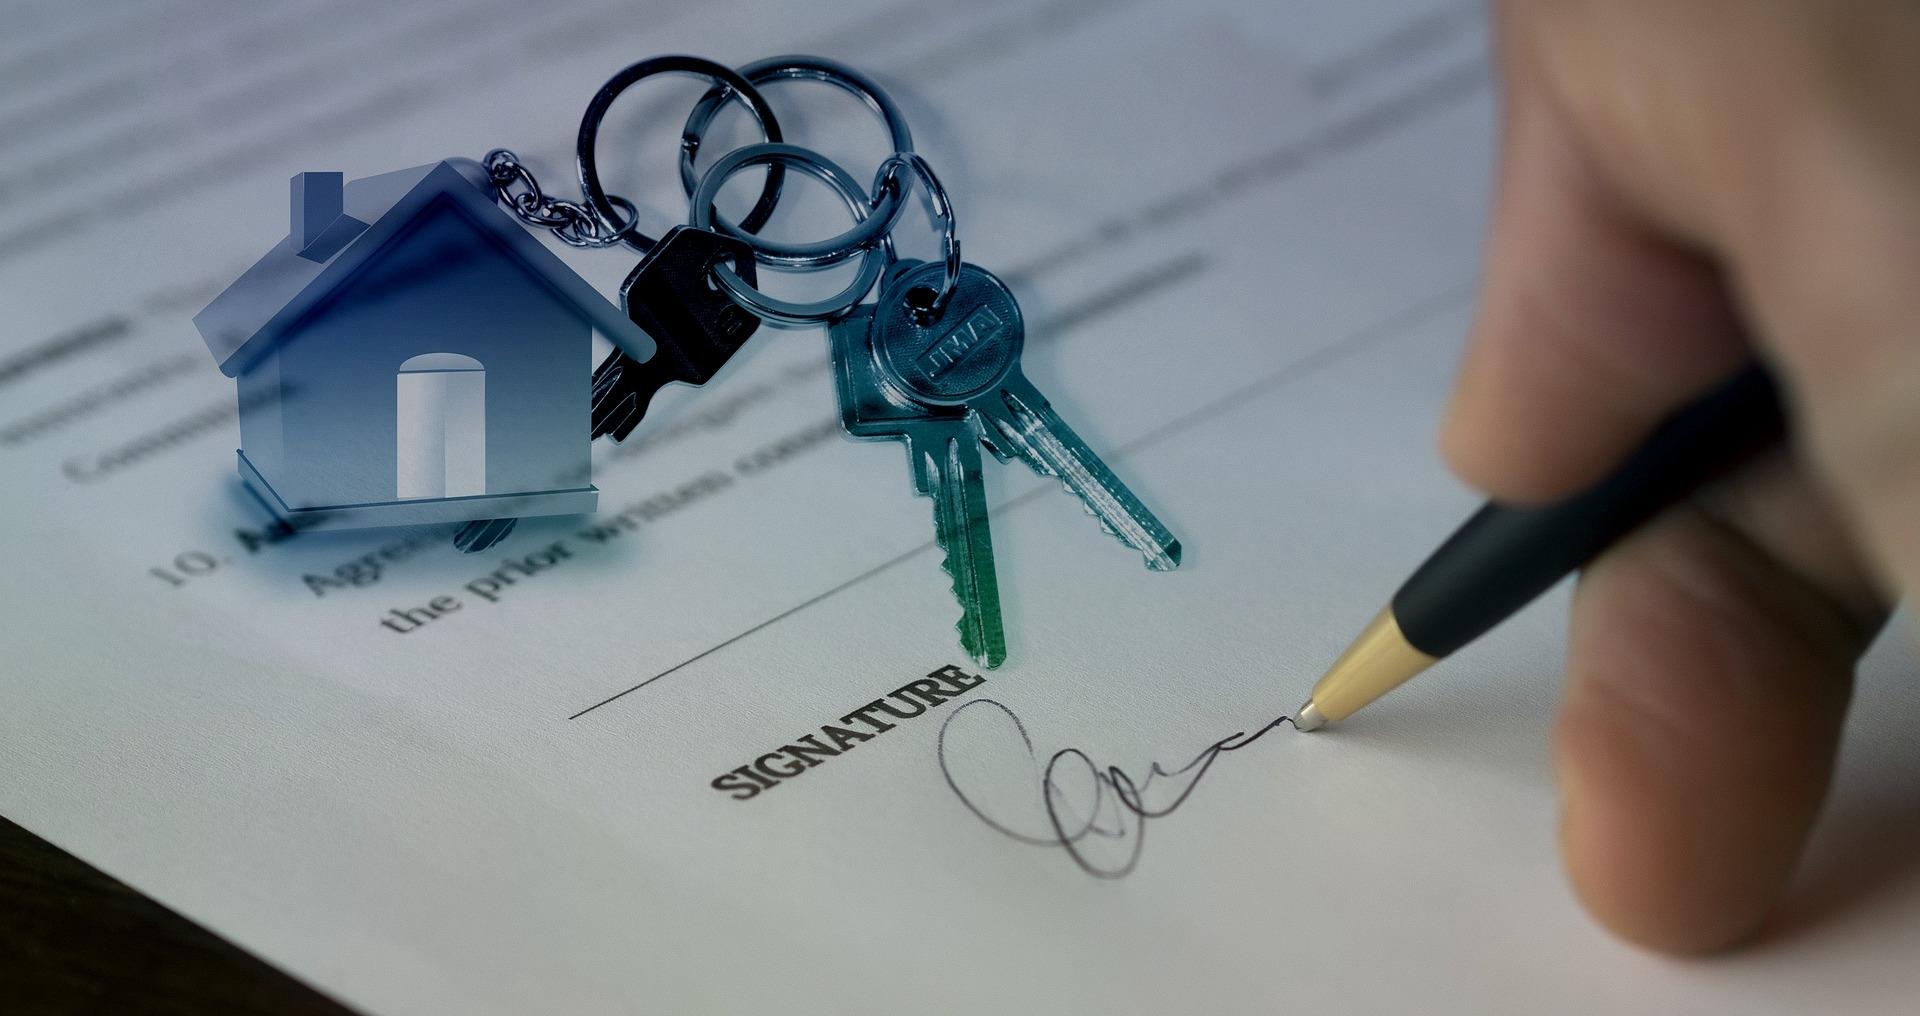 Corretores de imóveis têm de se adaptar ao Mercado Imobiliário 4.0